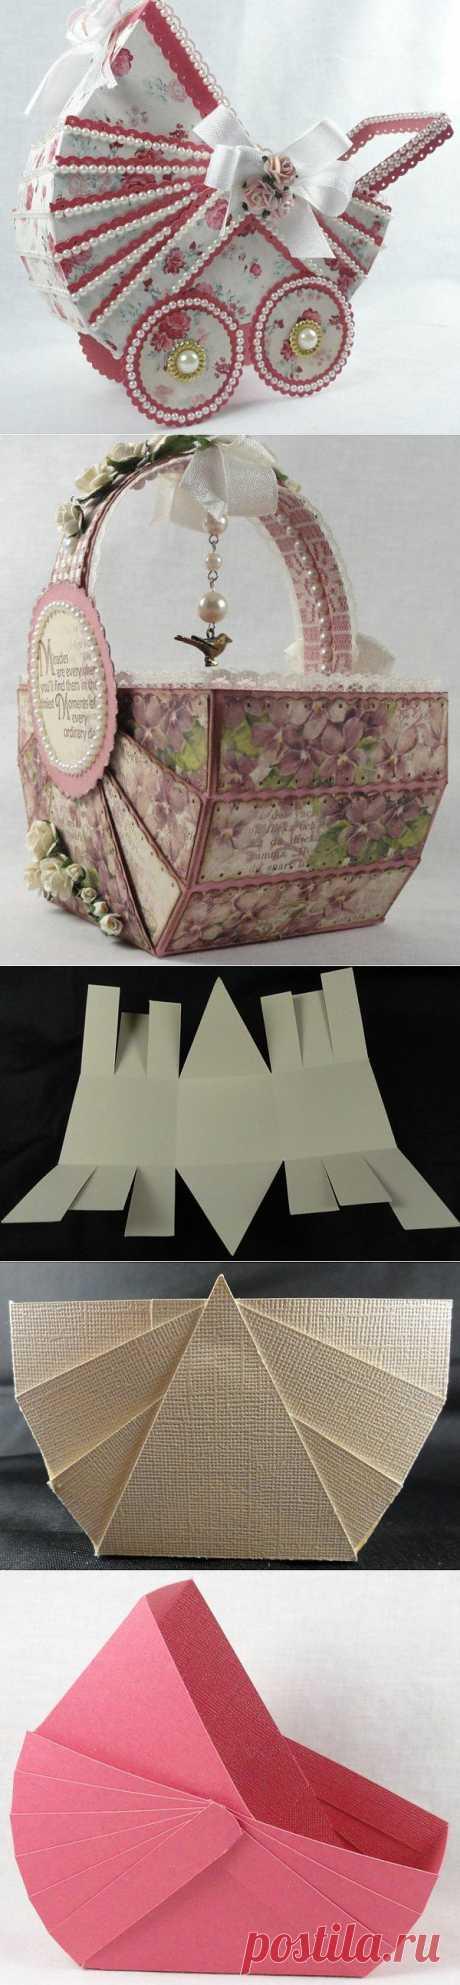 (+1) - Винтажные коляска и корзинка из бумаги. | СДЕЛАЙ САМ!